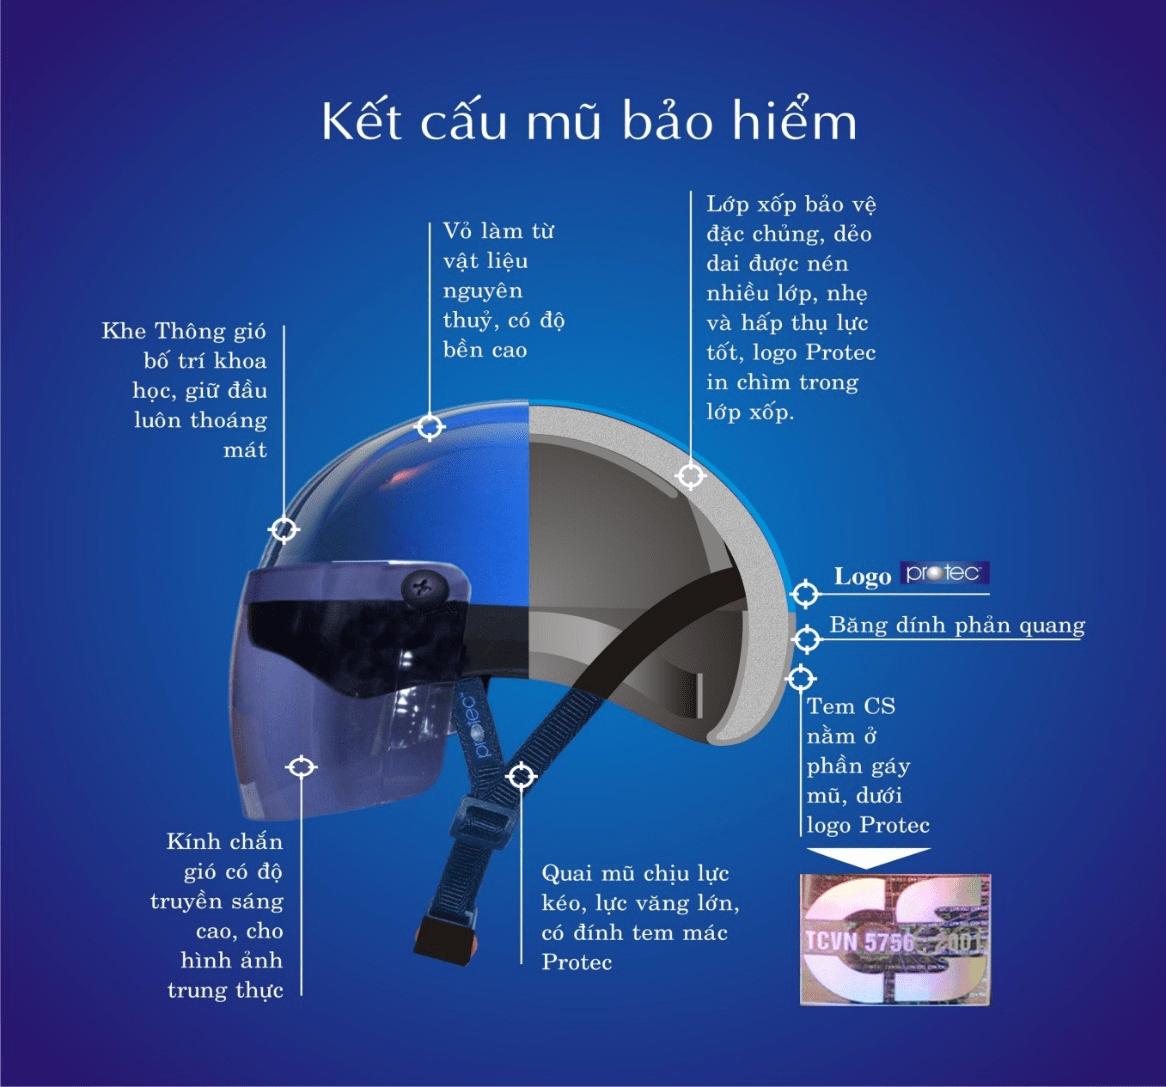 Kết cấu của mũ bảo hiểm